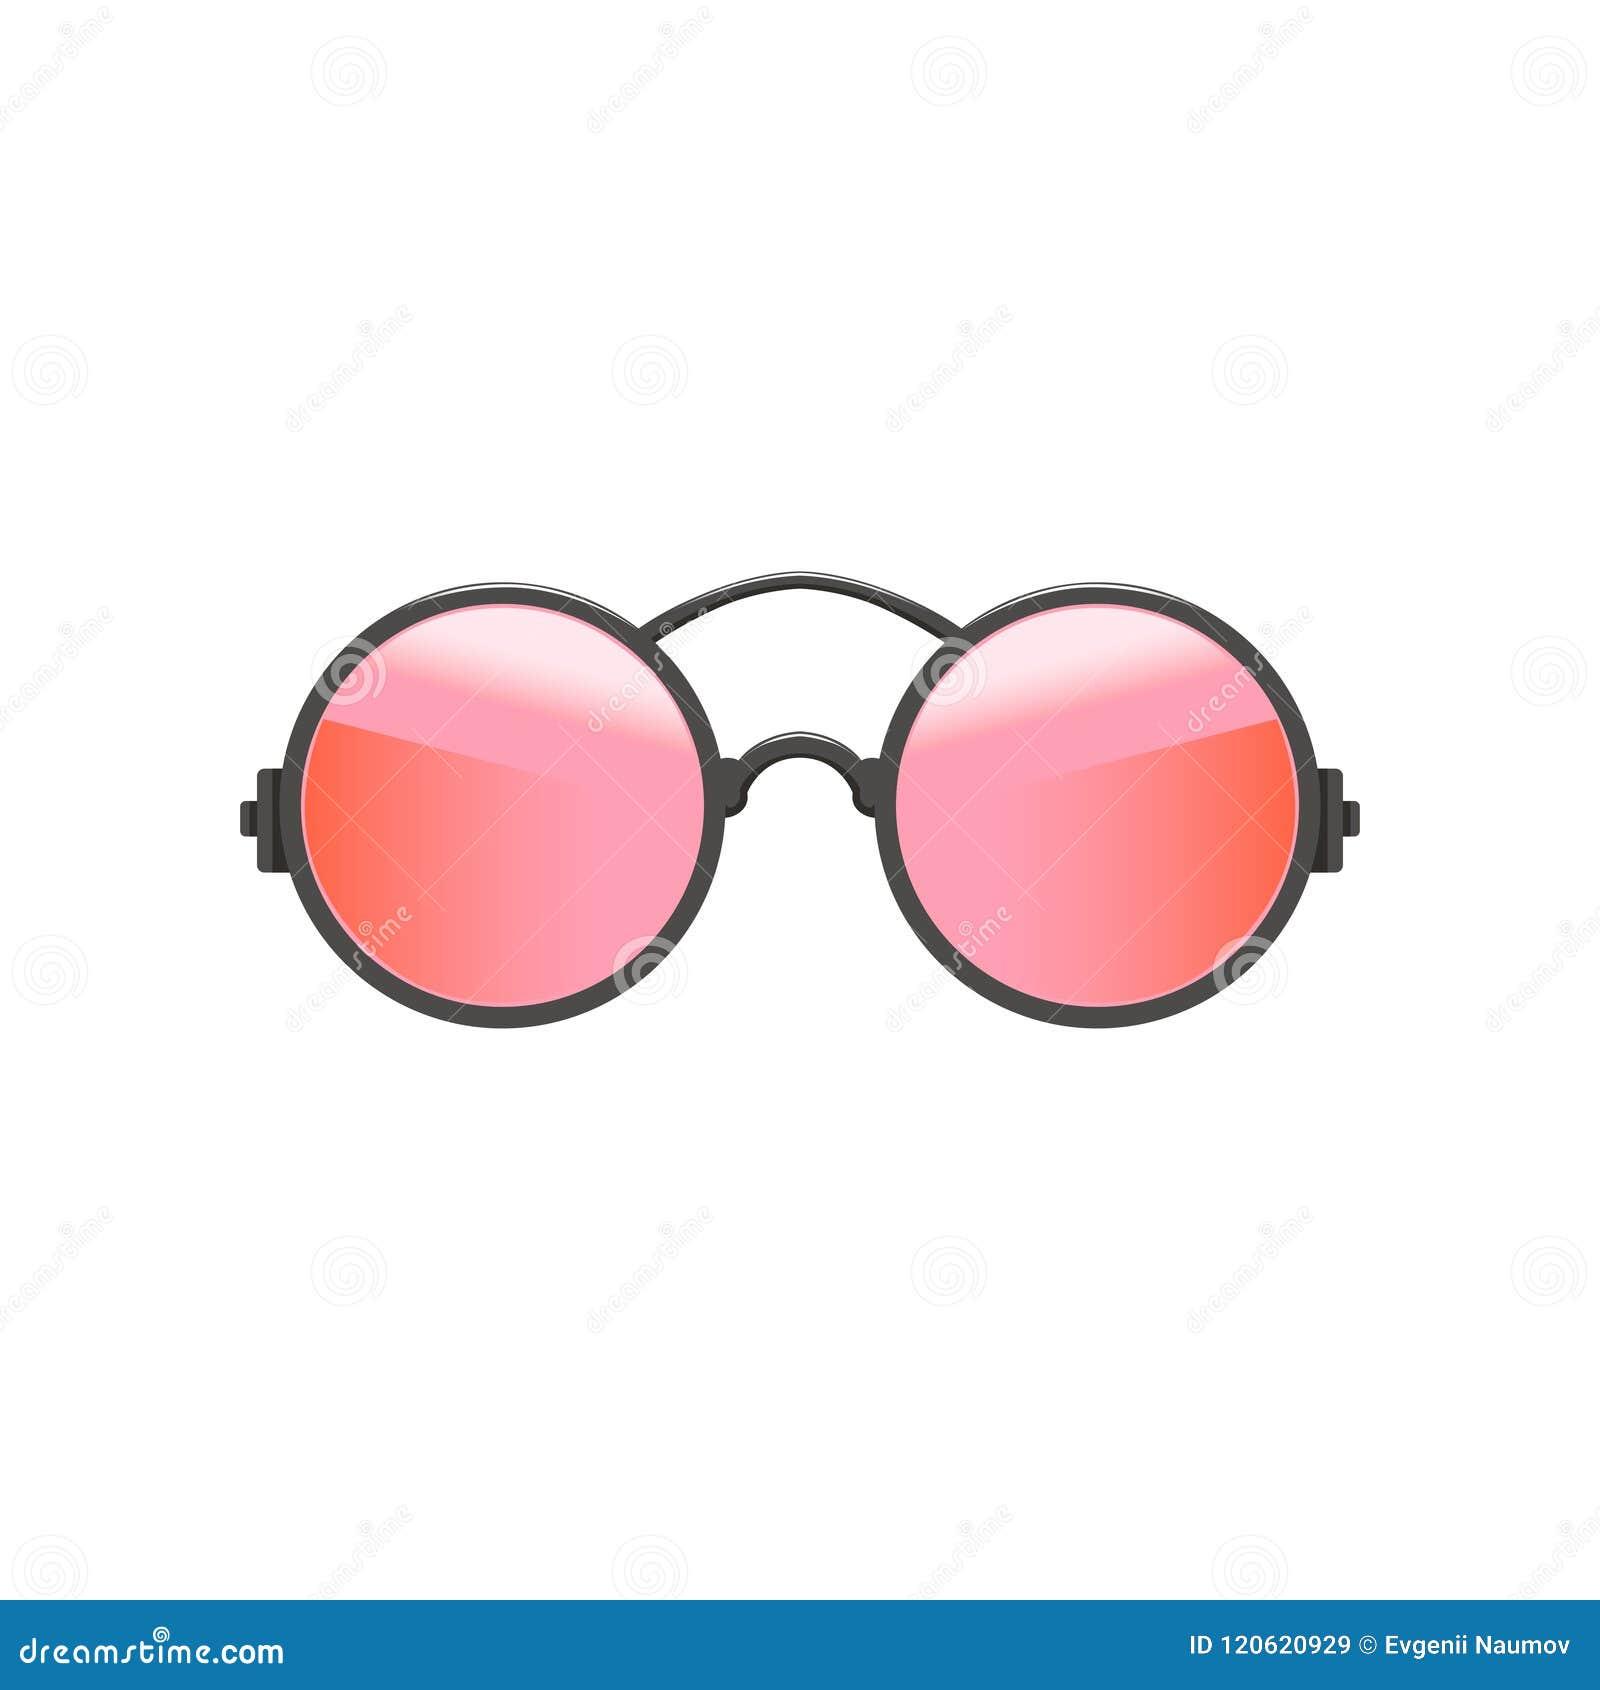 ea60be3cfd816 Óculos de sol circulares redondos do moderno com lentes vermelho-cor-de-rosa